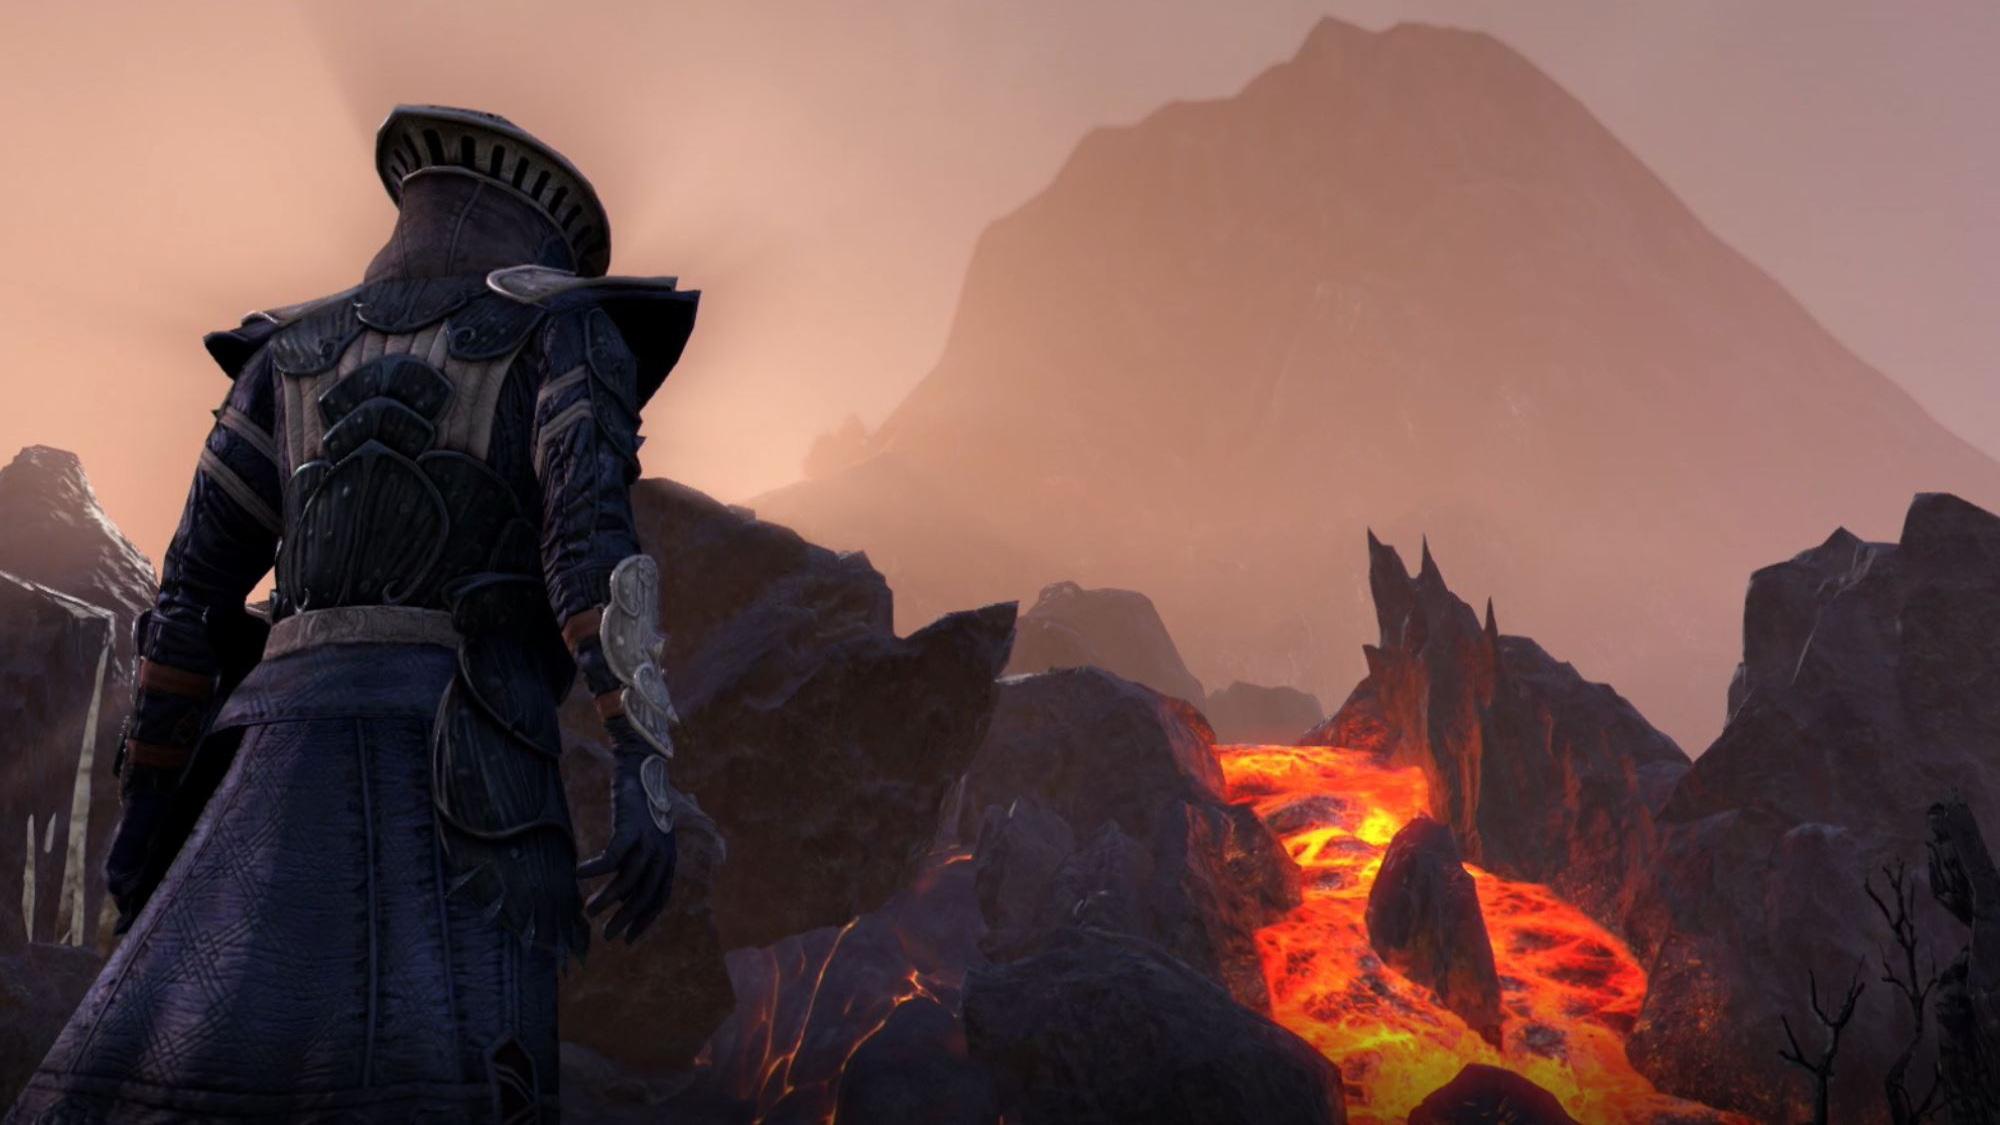 ESO Morrowind: Gameplay-Trailer mit Klippenläufern, Hütern und Pilz-Dungeons